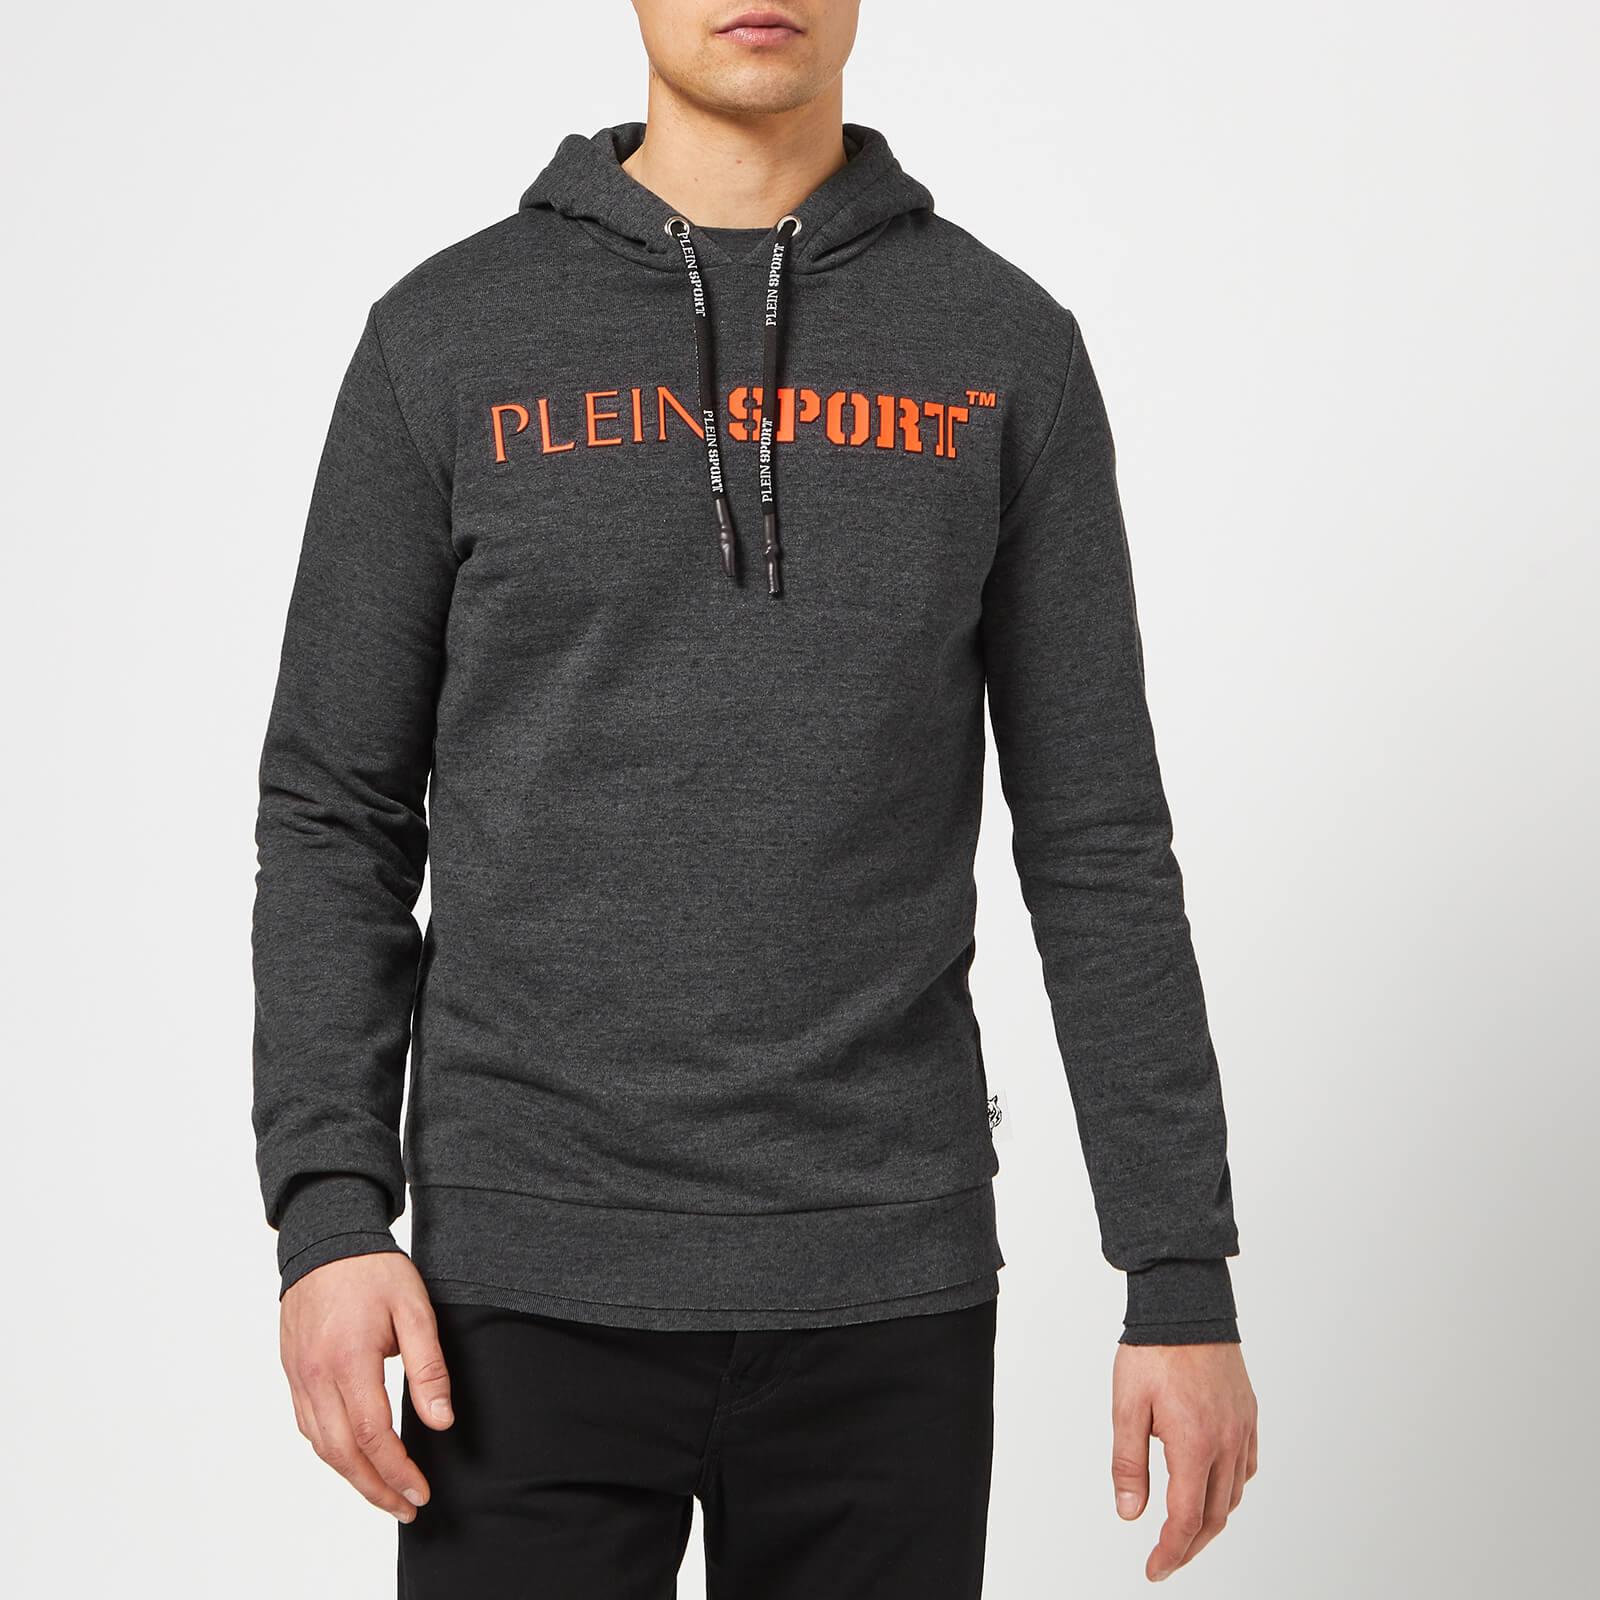 Plein Sport Men's Hoodie Sweatshirt Statement - Dark Grey - XL - Grey